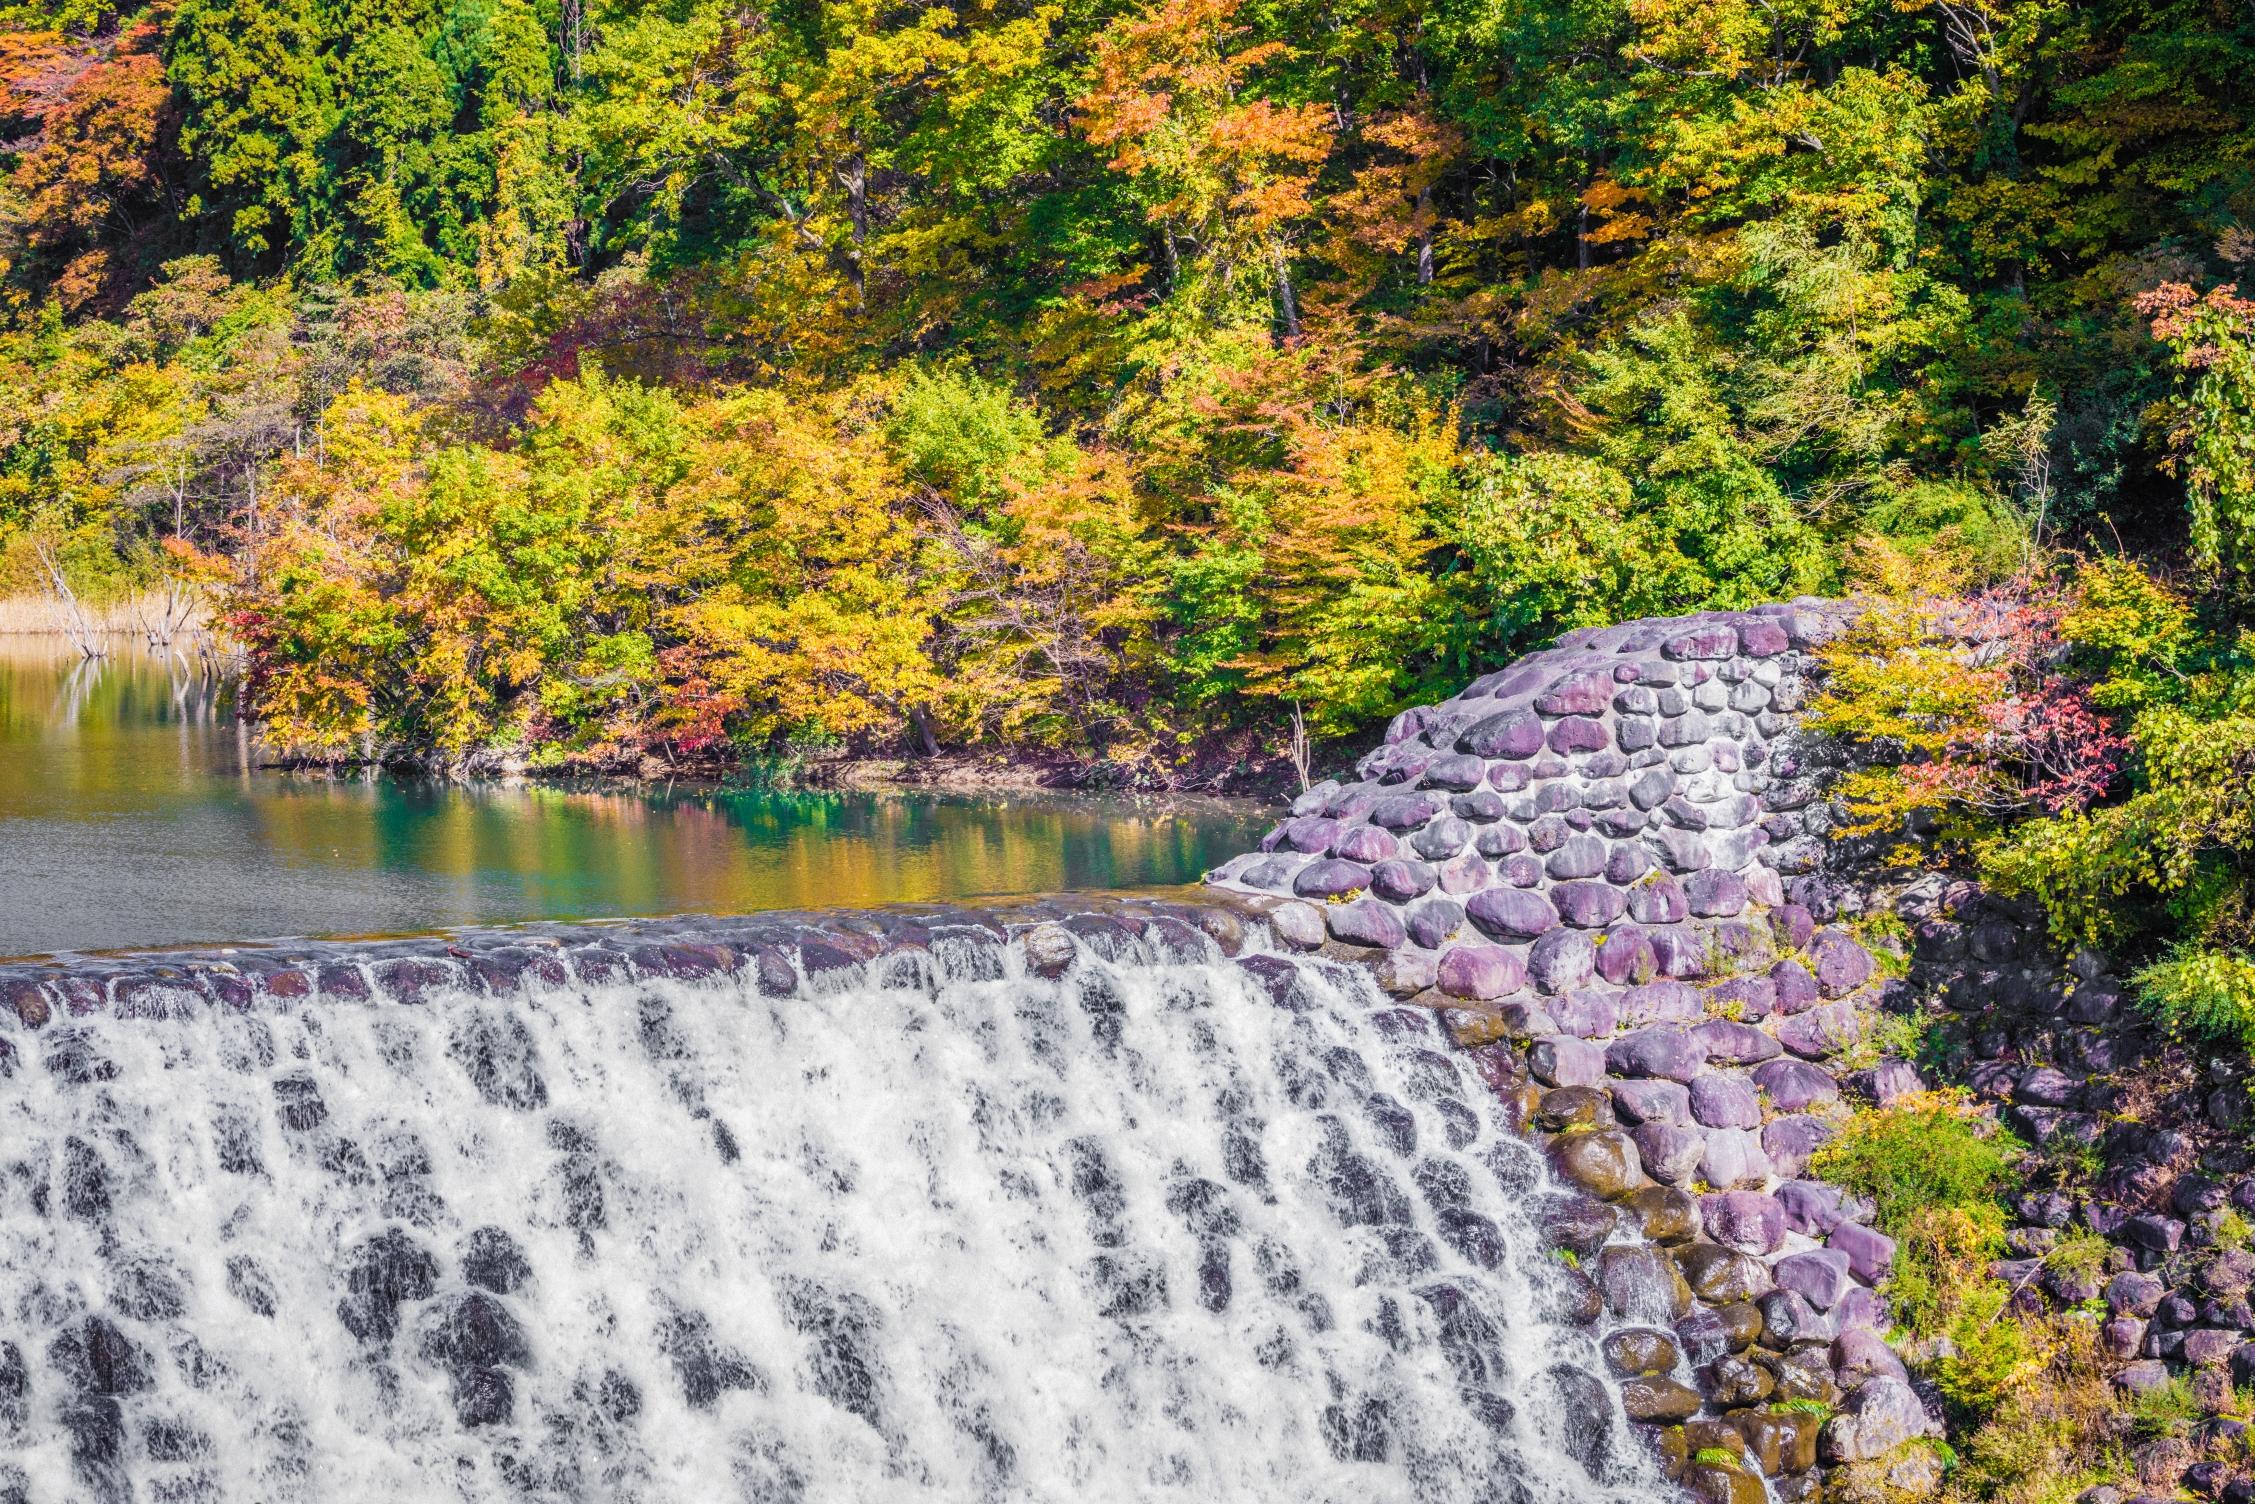 นี่คือ ฤดูใบไม้ร่วงของโทโฮคุที่มีชื่อเสียงระดับโลก! 5 สถานที่ท่องเที่ยวแนะนำในซาโอ